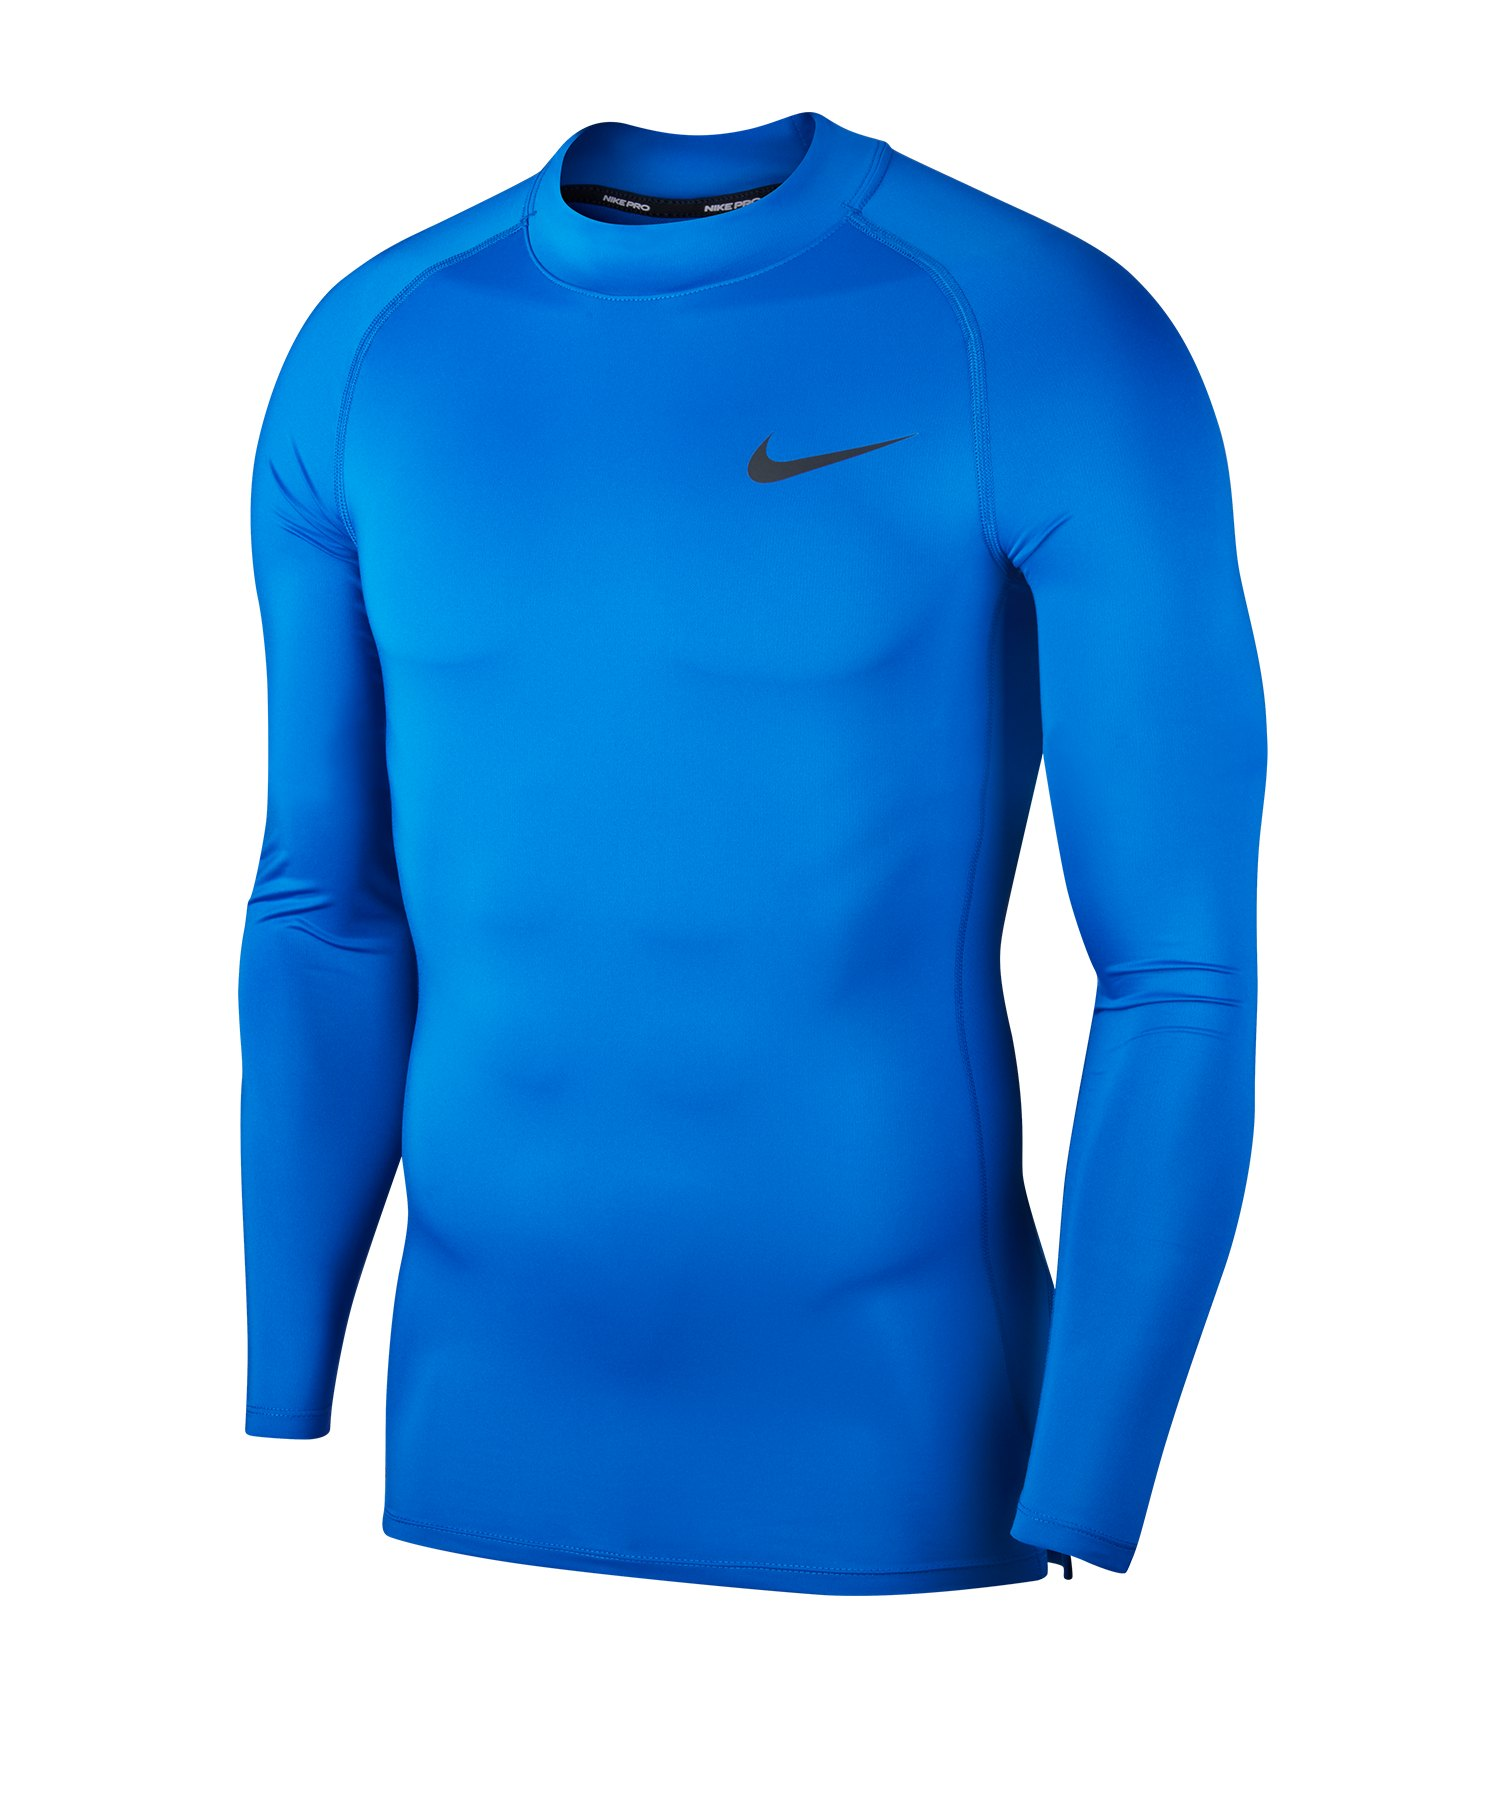 Nike Pro Training Top Mock langarm Blau F480 - blau